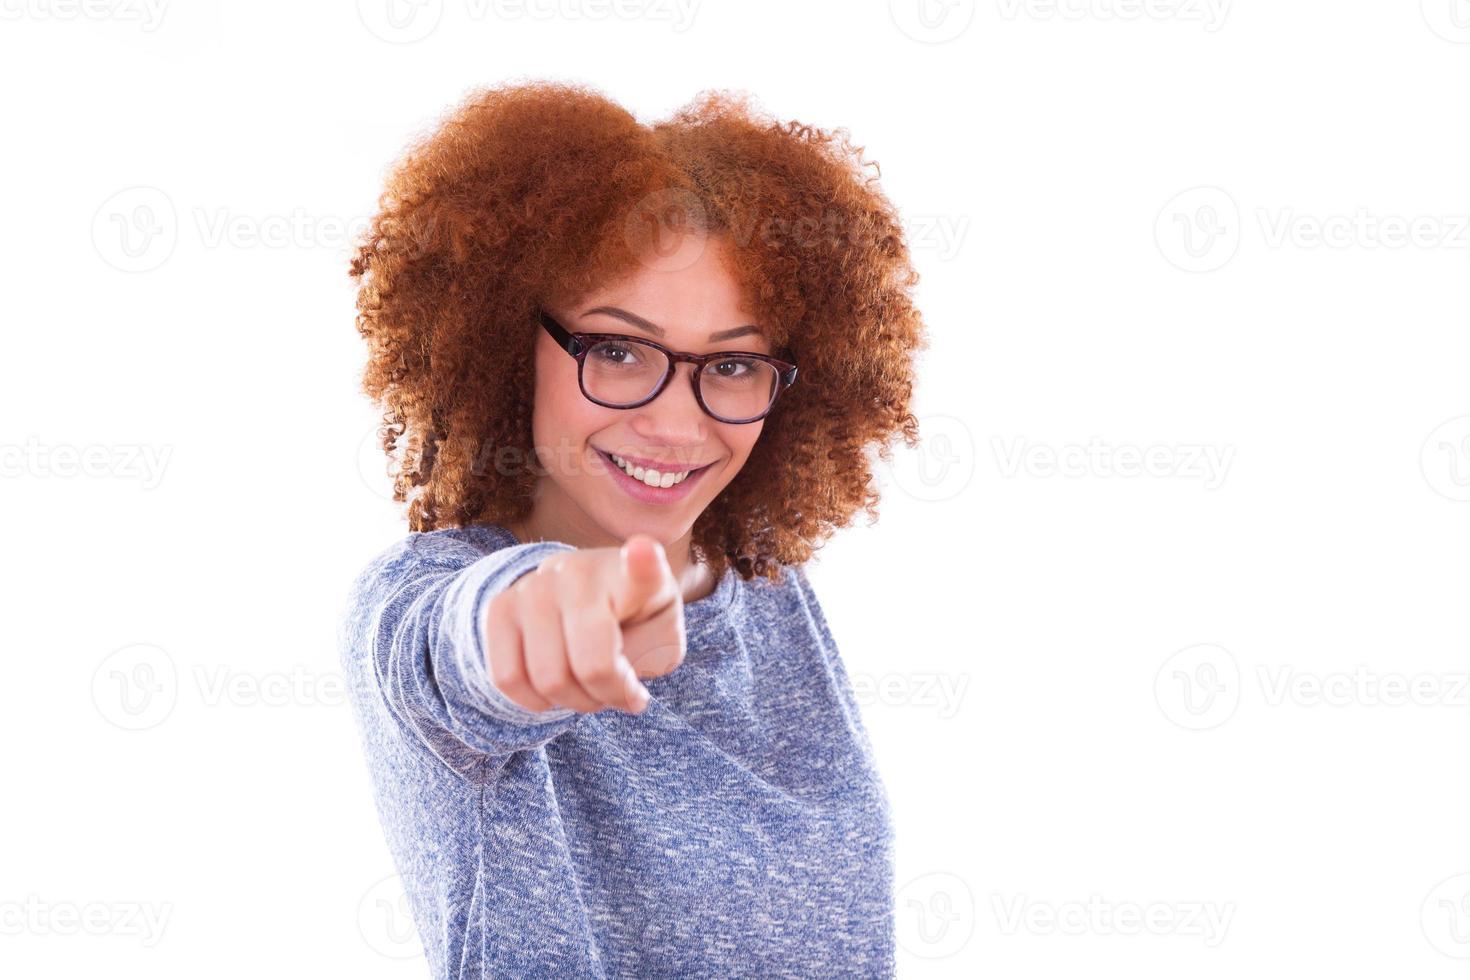 jonge Afro-Amerikaanse tiener wijzende vinger naar de puinhoop foto